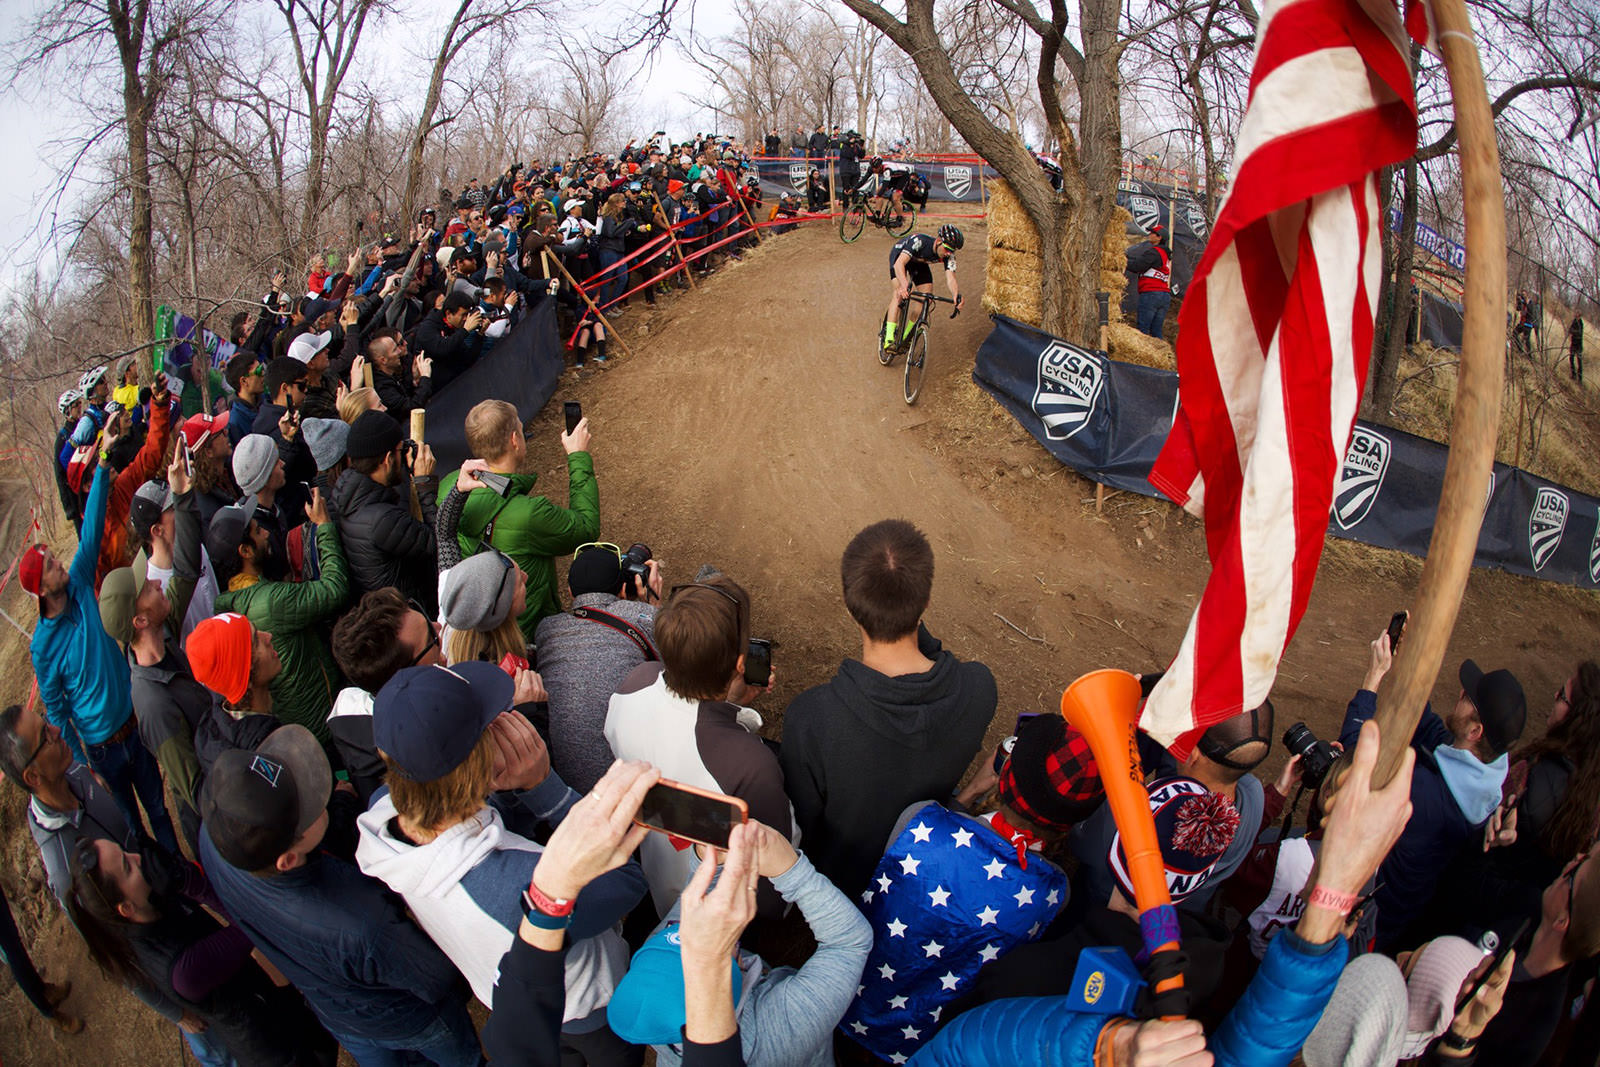 Tobin Ortenblad - Santa Cruz Bicycles - Cyclocross Nationals in Reno